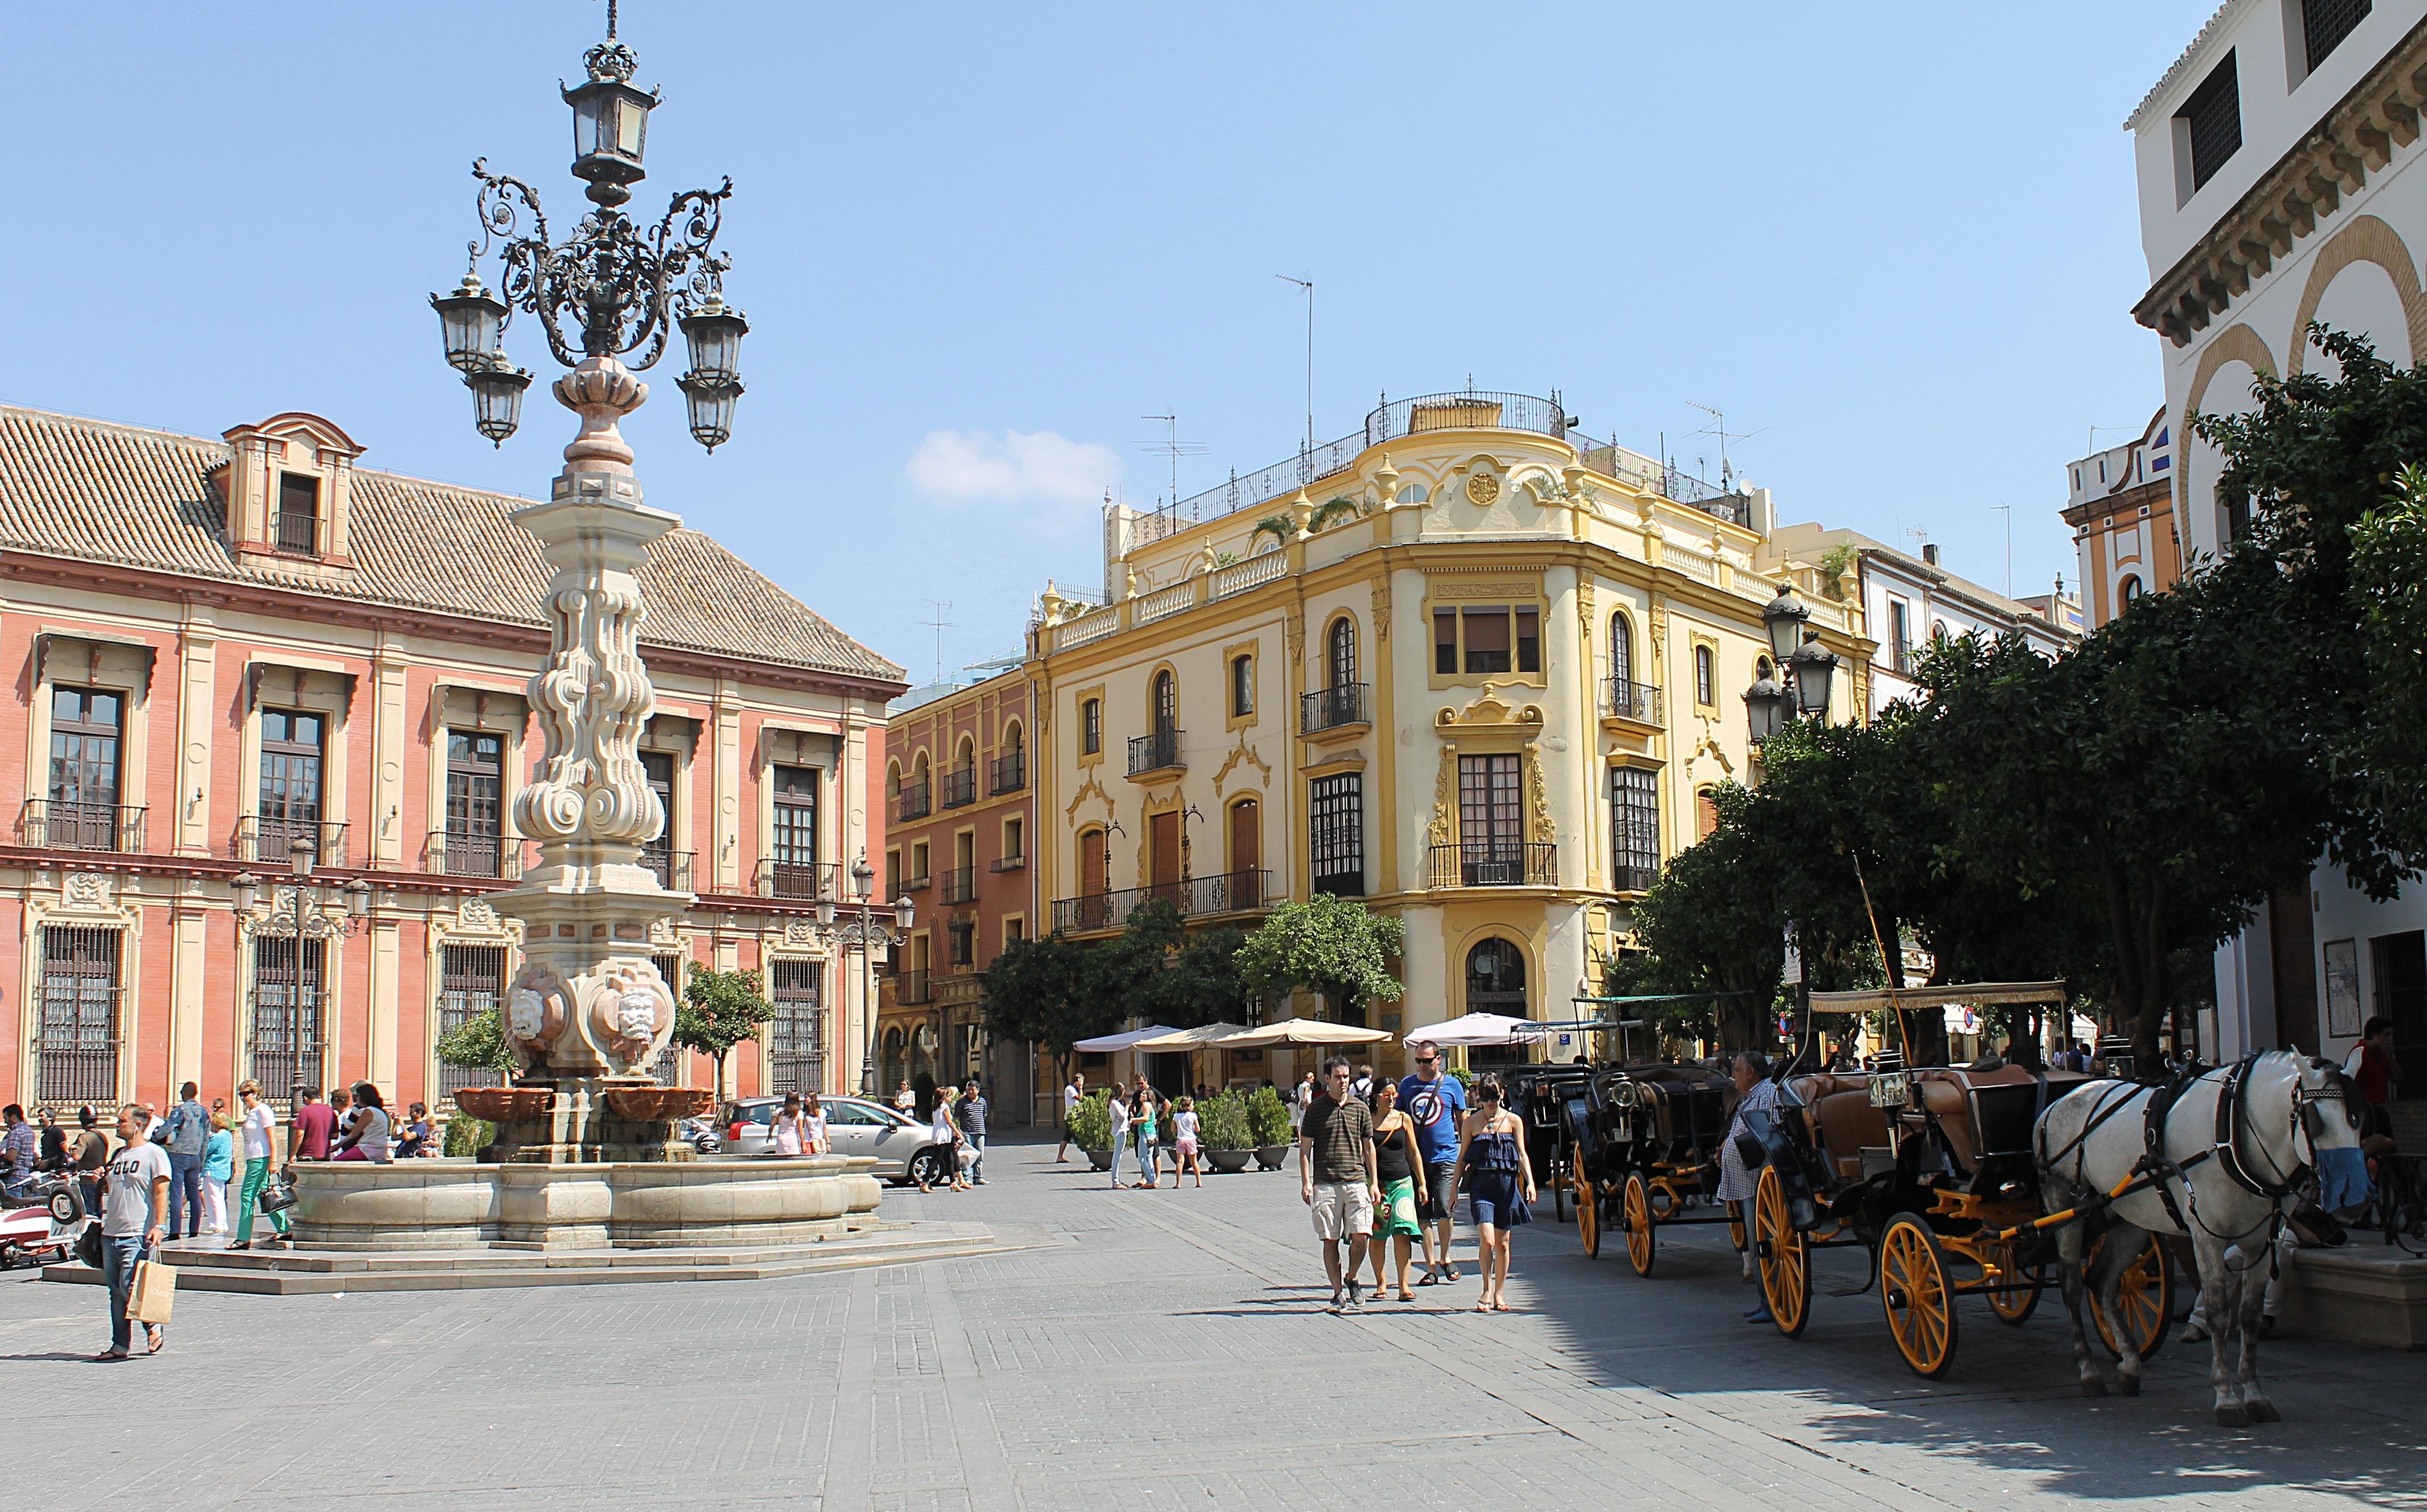 plaza_de_la_virgen_de_los_reyes_8283757026-1